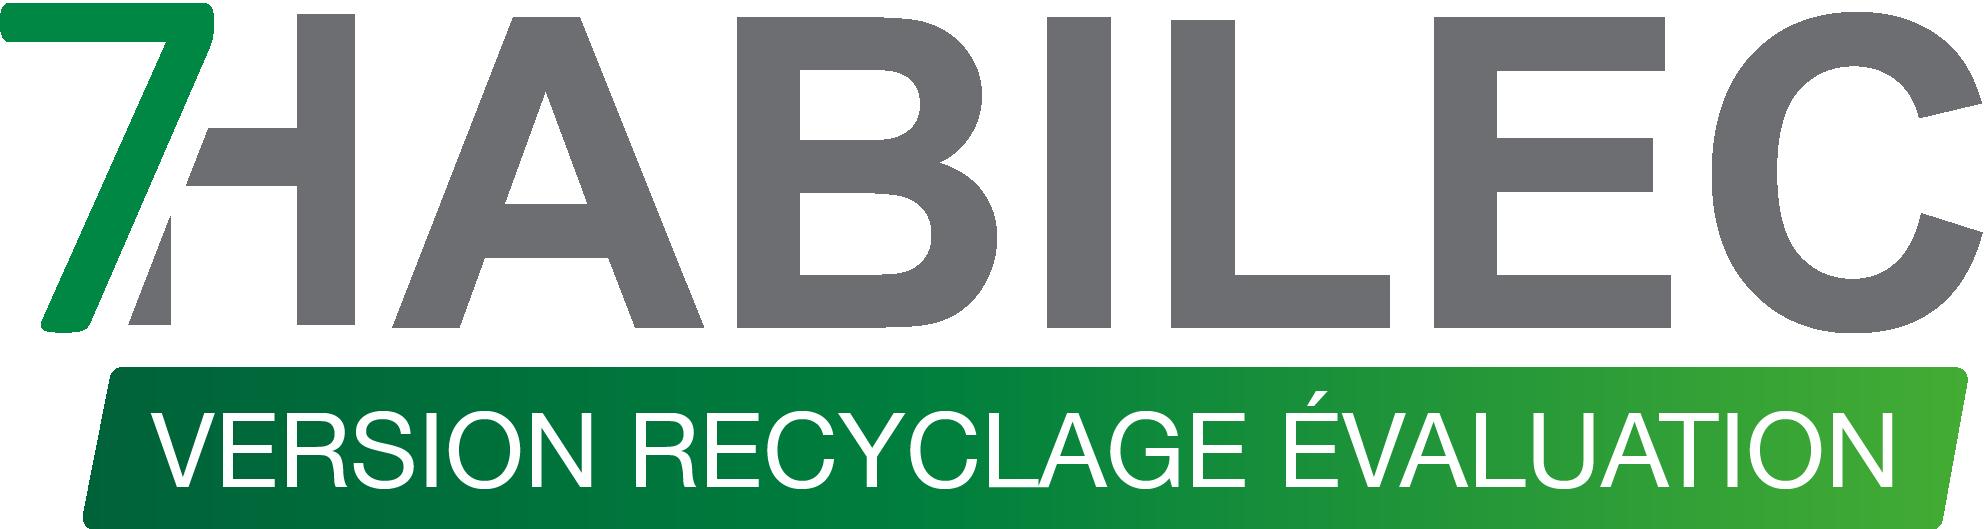 Habilitations électriques version recyclage